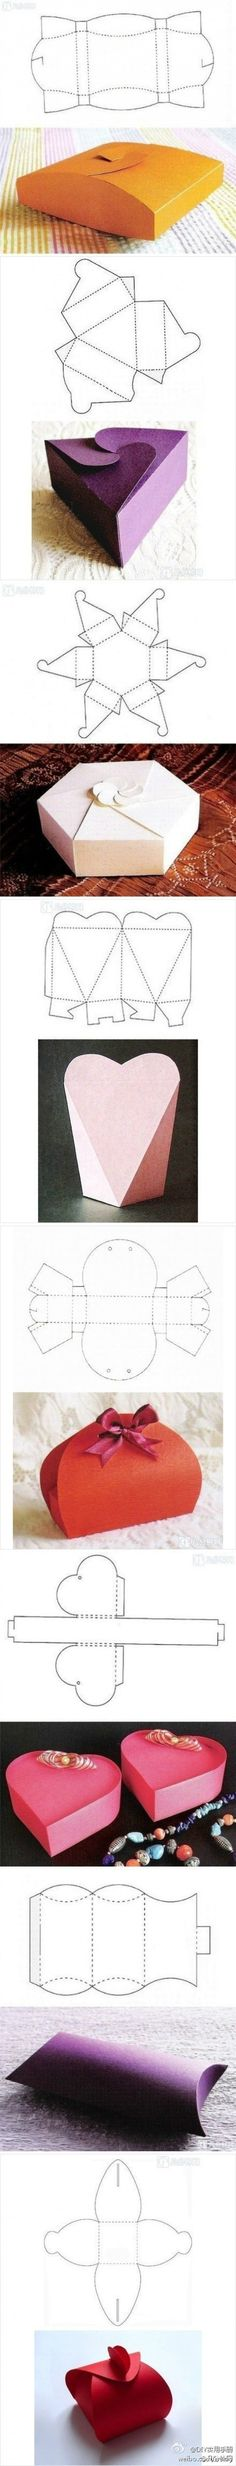 knutselen | Zelf mooie doosjes vouwen Door astridberix